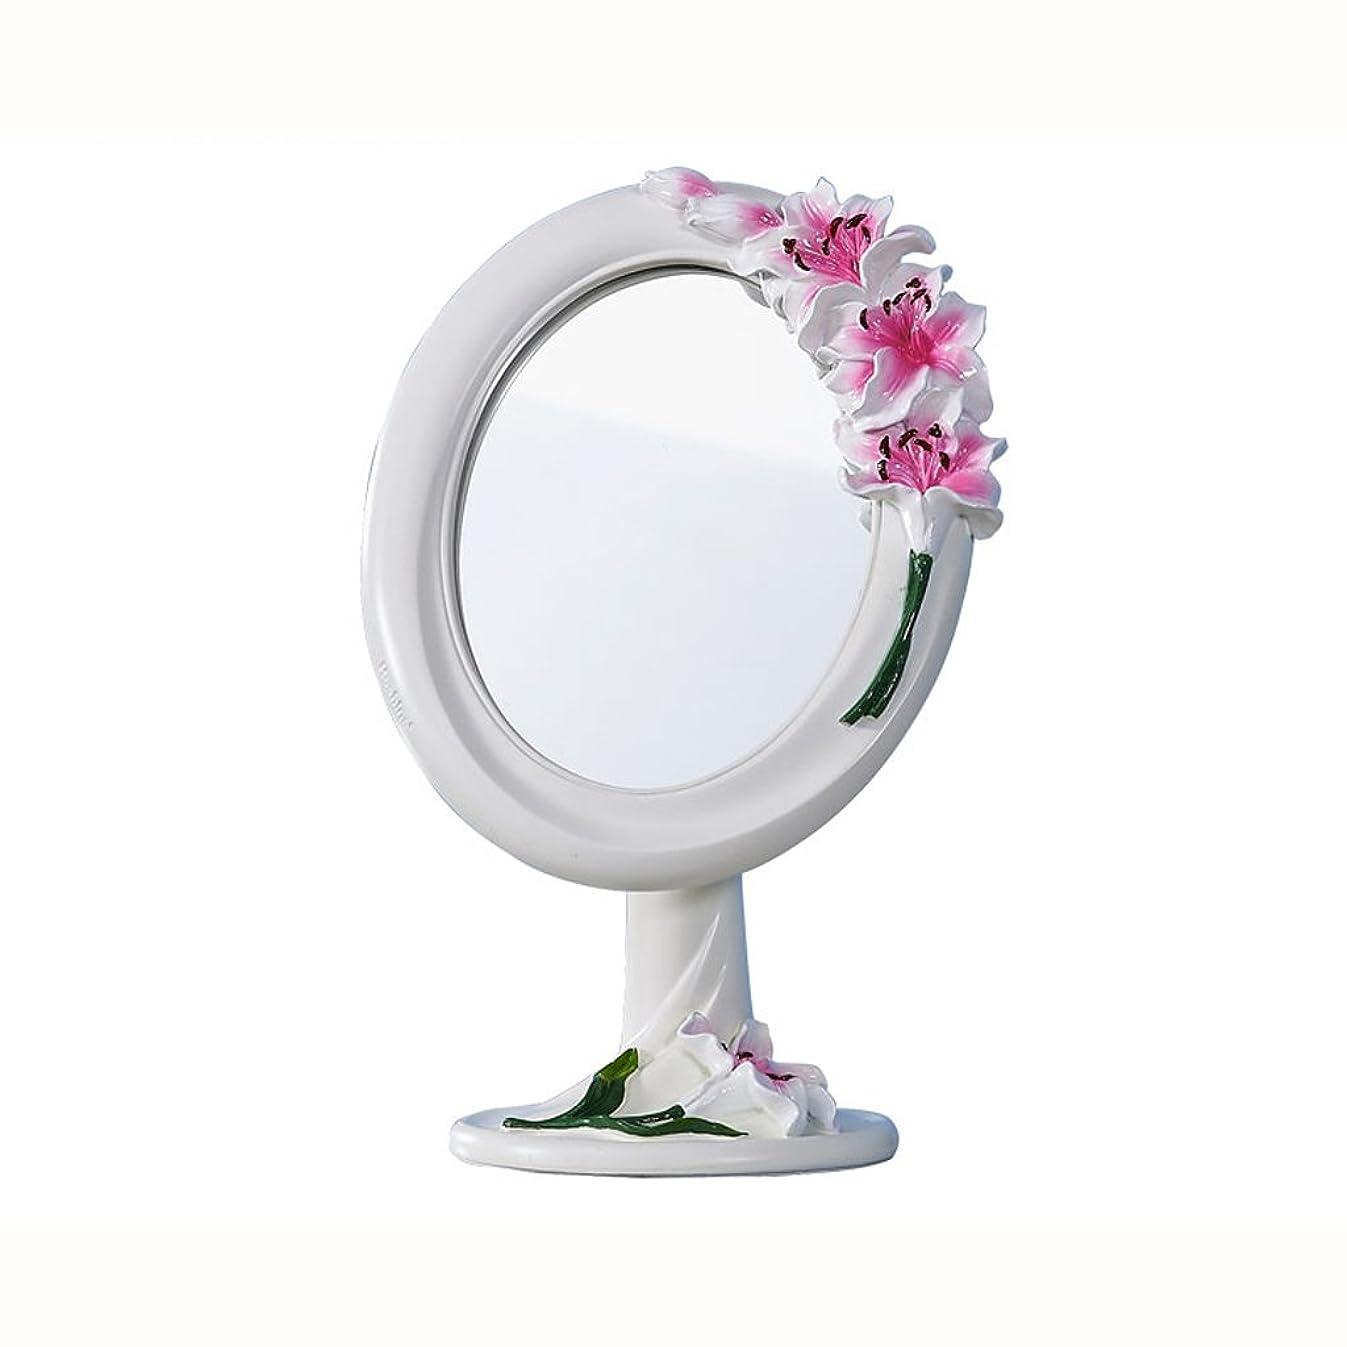 蒸留北方圧倒するYBJPshop 化粧鏡 片面化粧鏡、樹脂製化粧鏡、ポータブルラブリープリンセスミラー - 18.5x10.7x29cm 美容鏡化粧室バスルーム (Color : Pink)